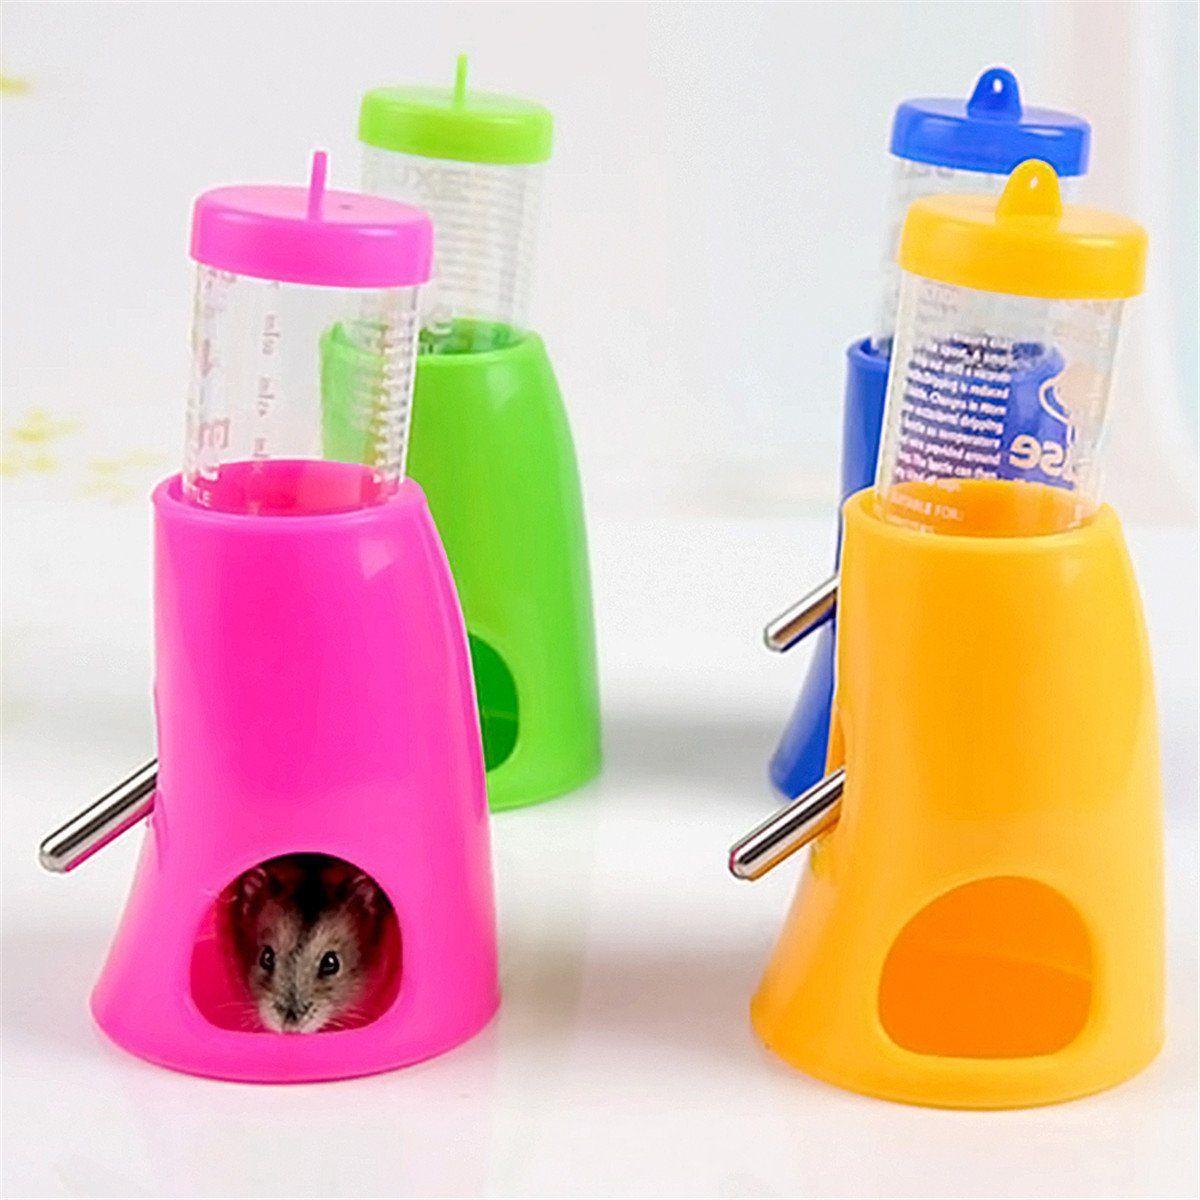 dwarf hamster cages uk | webnuggetz | mobile version | stuff